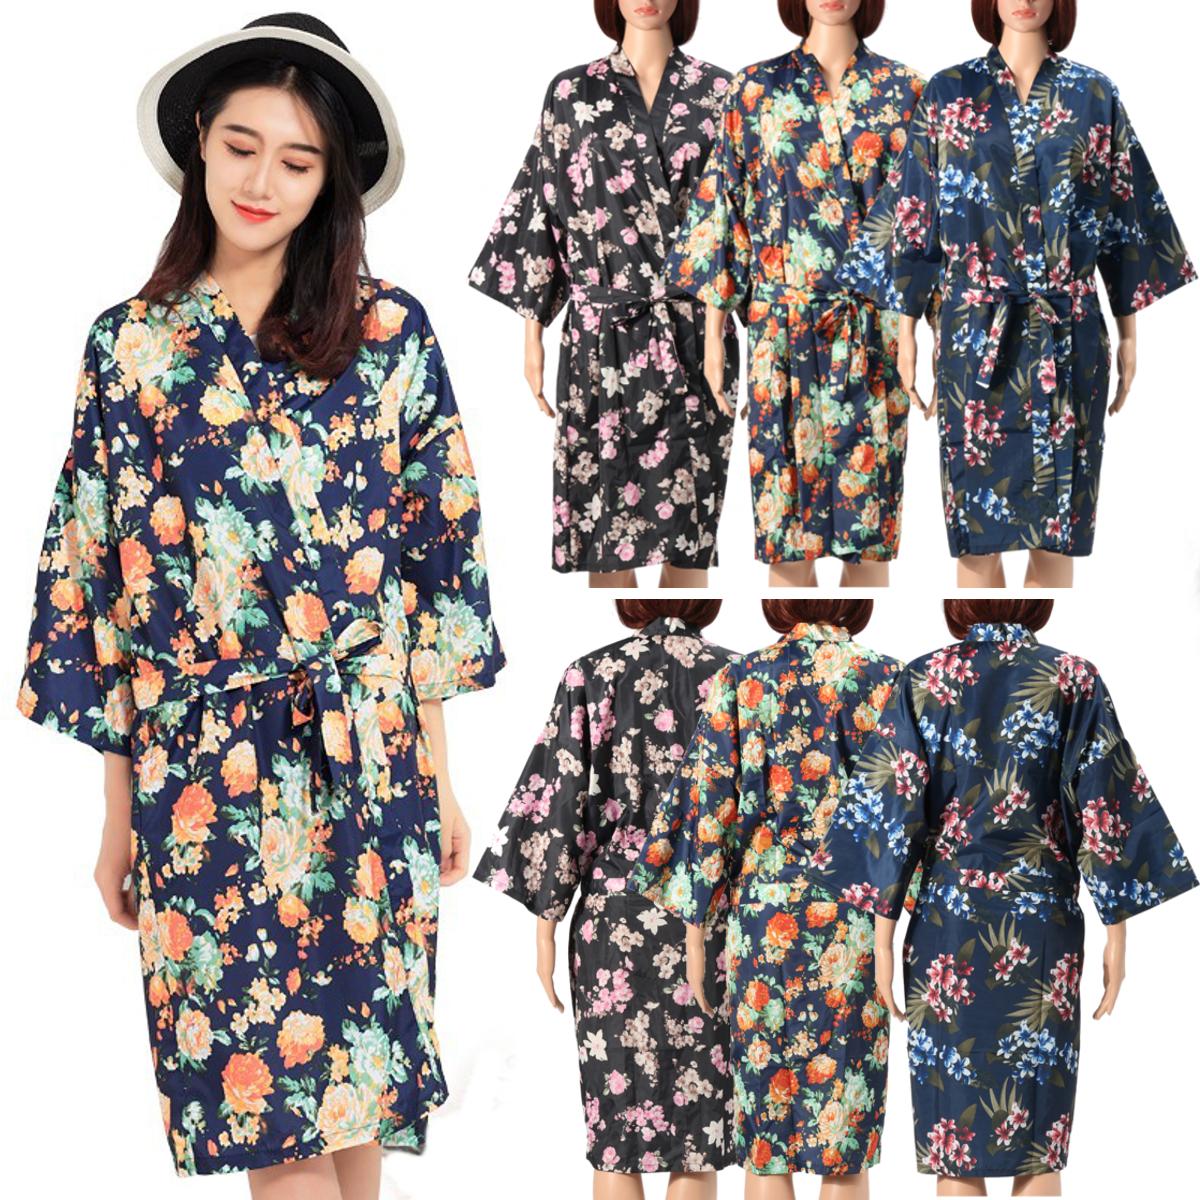 Silk Satin Kimono Robe Dressing Gown Wedding Bridesmaid SPA Sleepwear Bathrobe